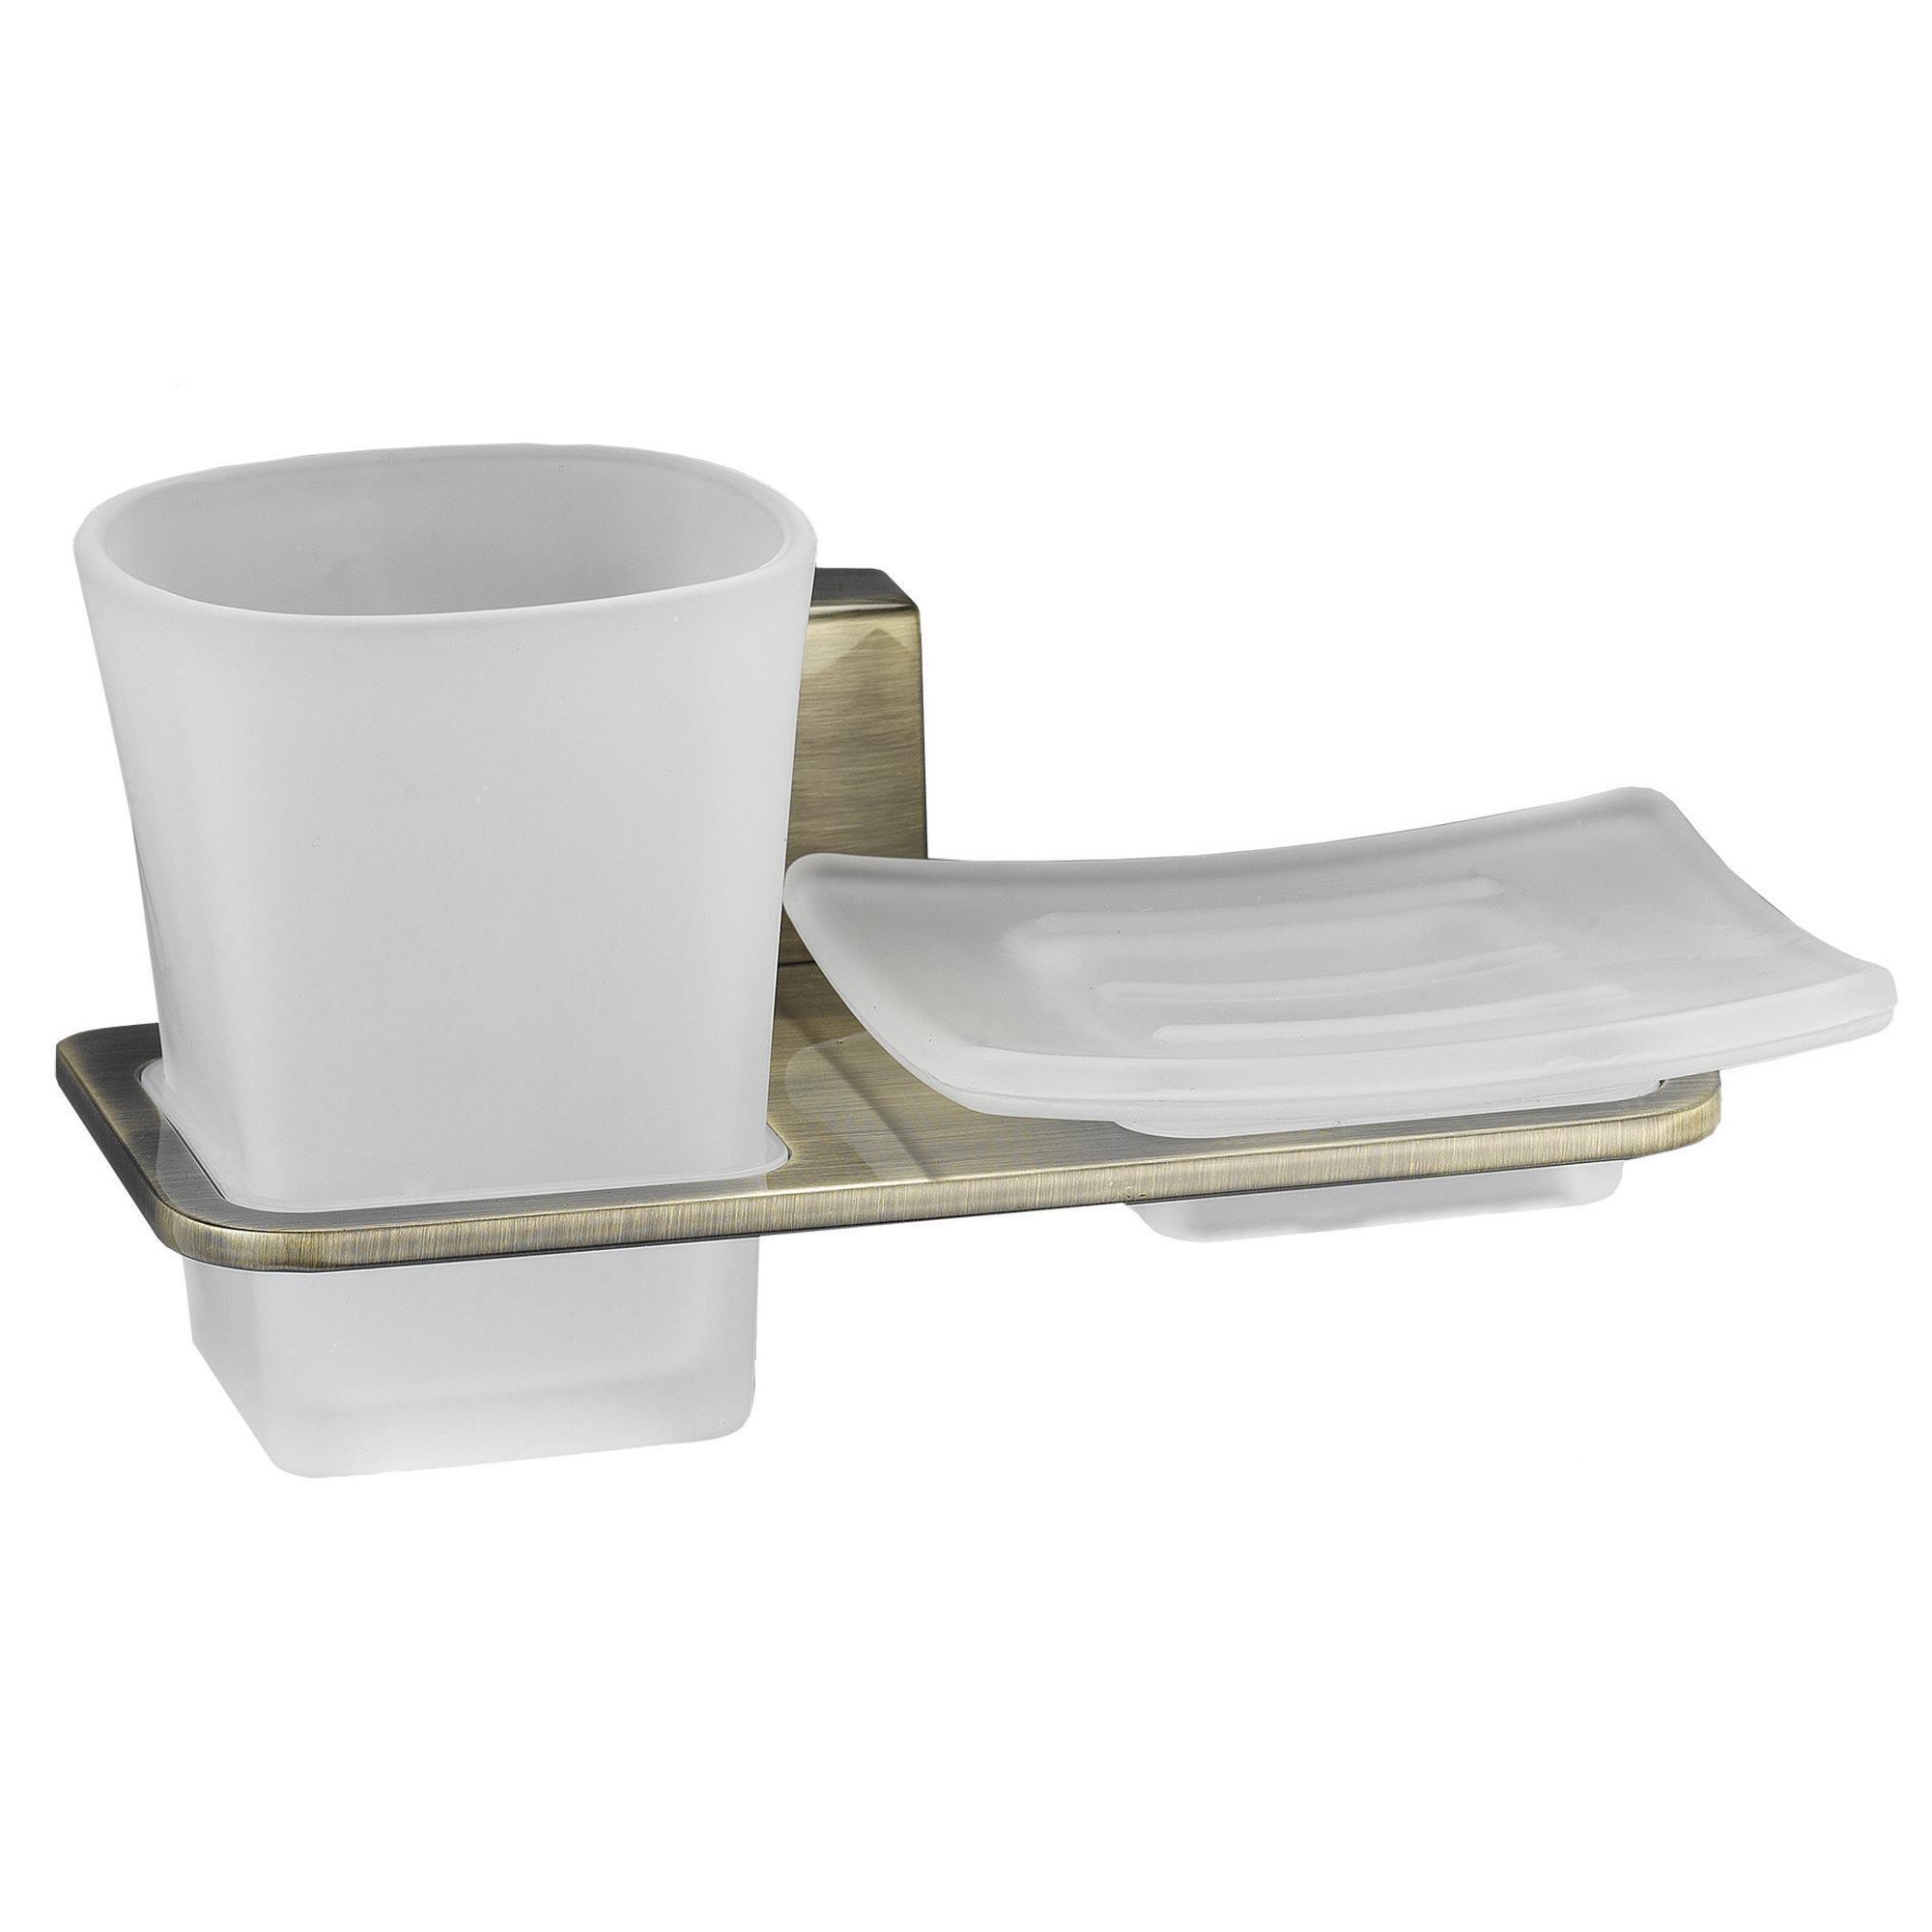 Держатель стакана и мыльницы, K-5226 WasserKraft держатель стакана и мыльницы wasserkraft berkel k 6826